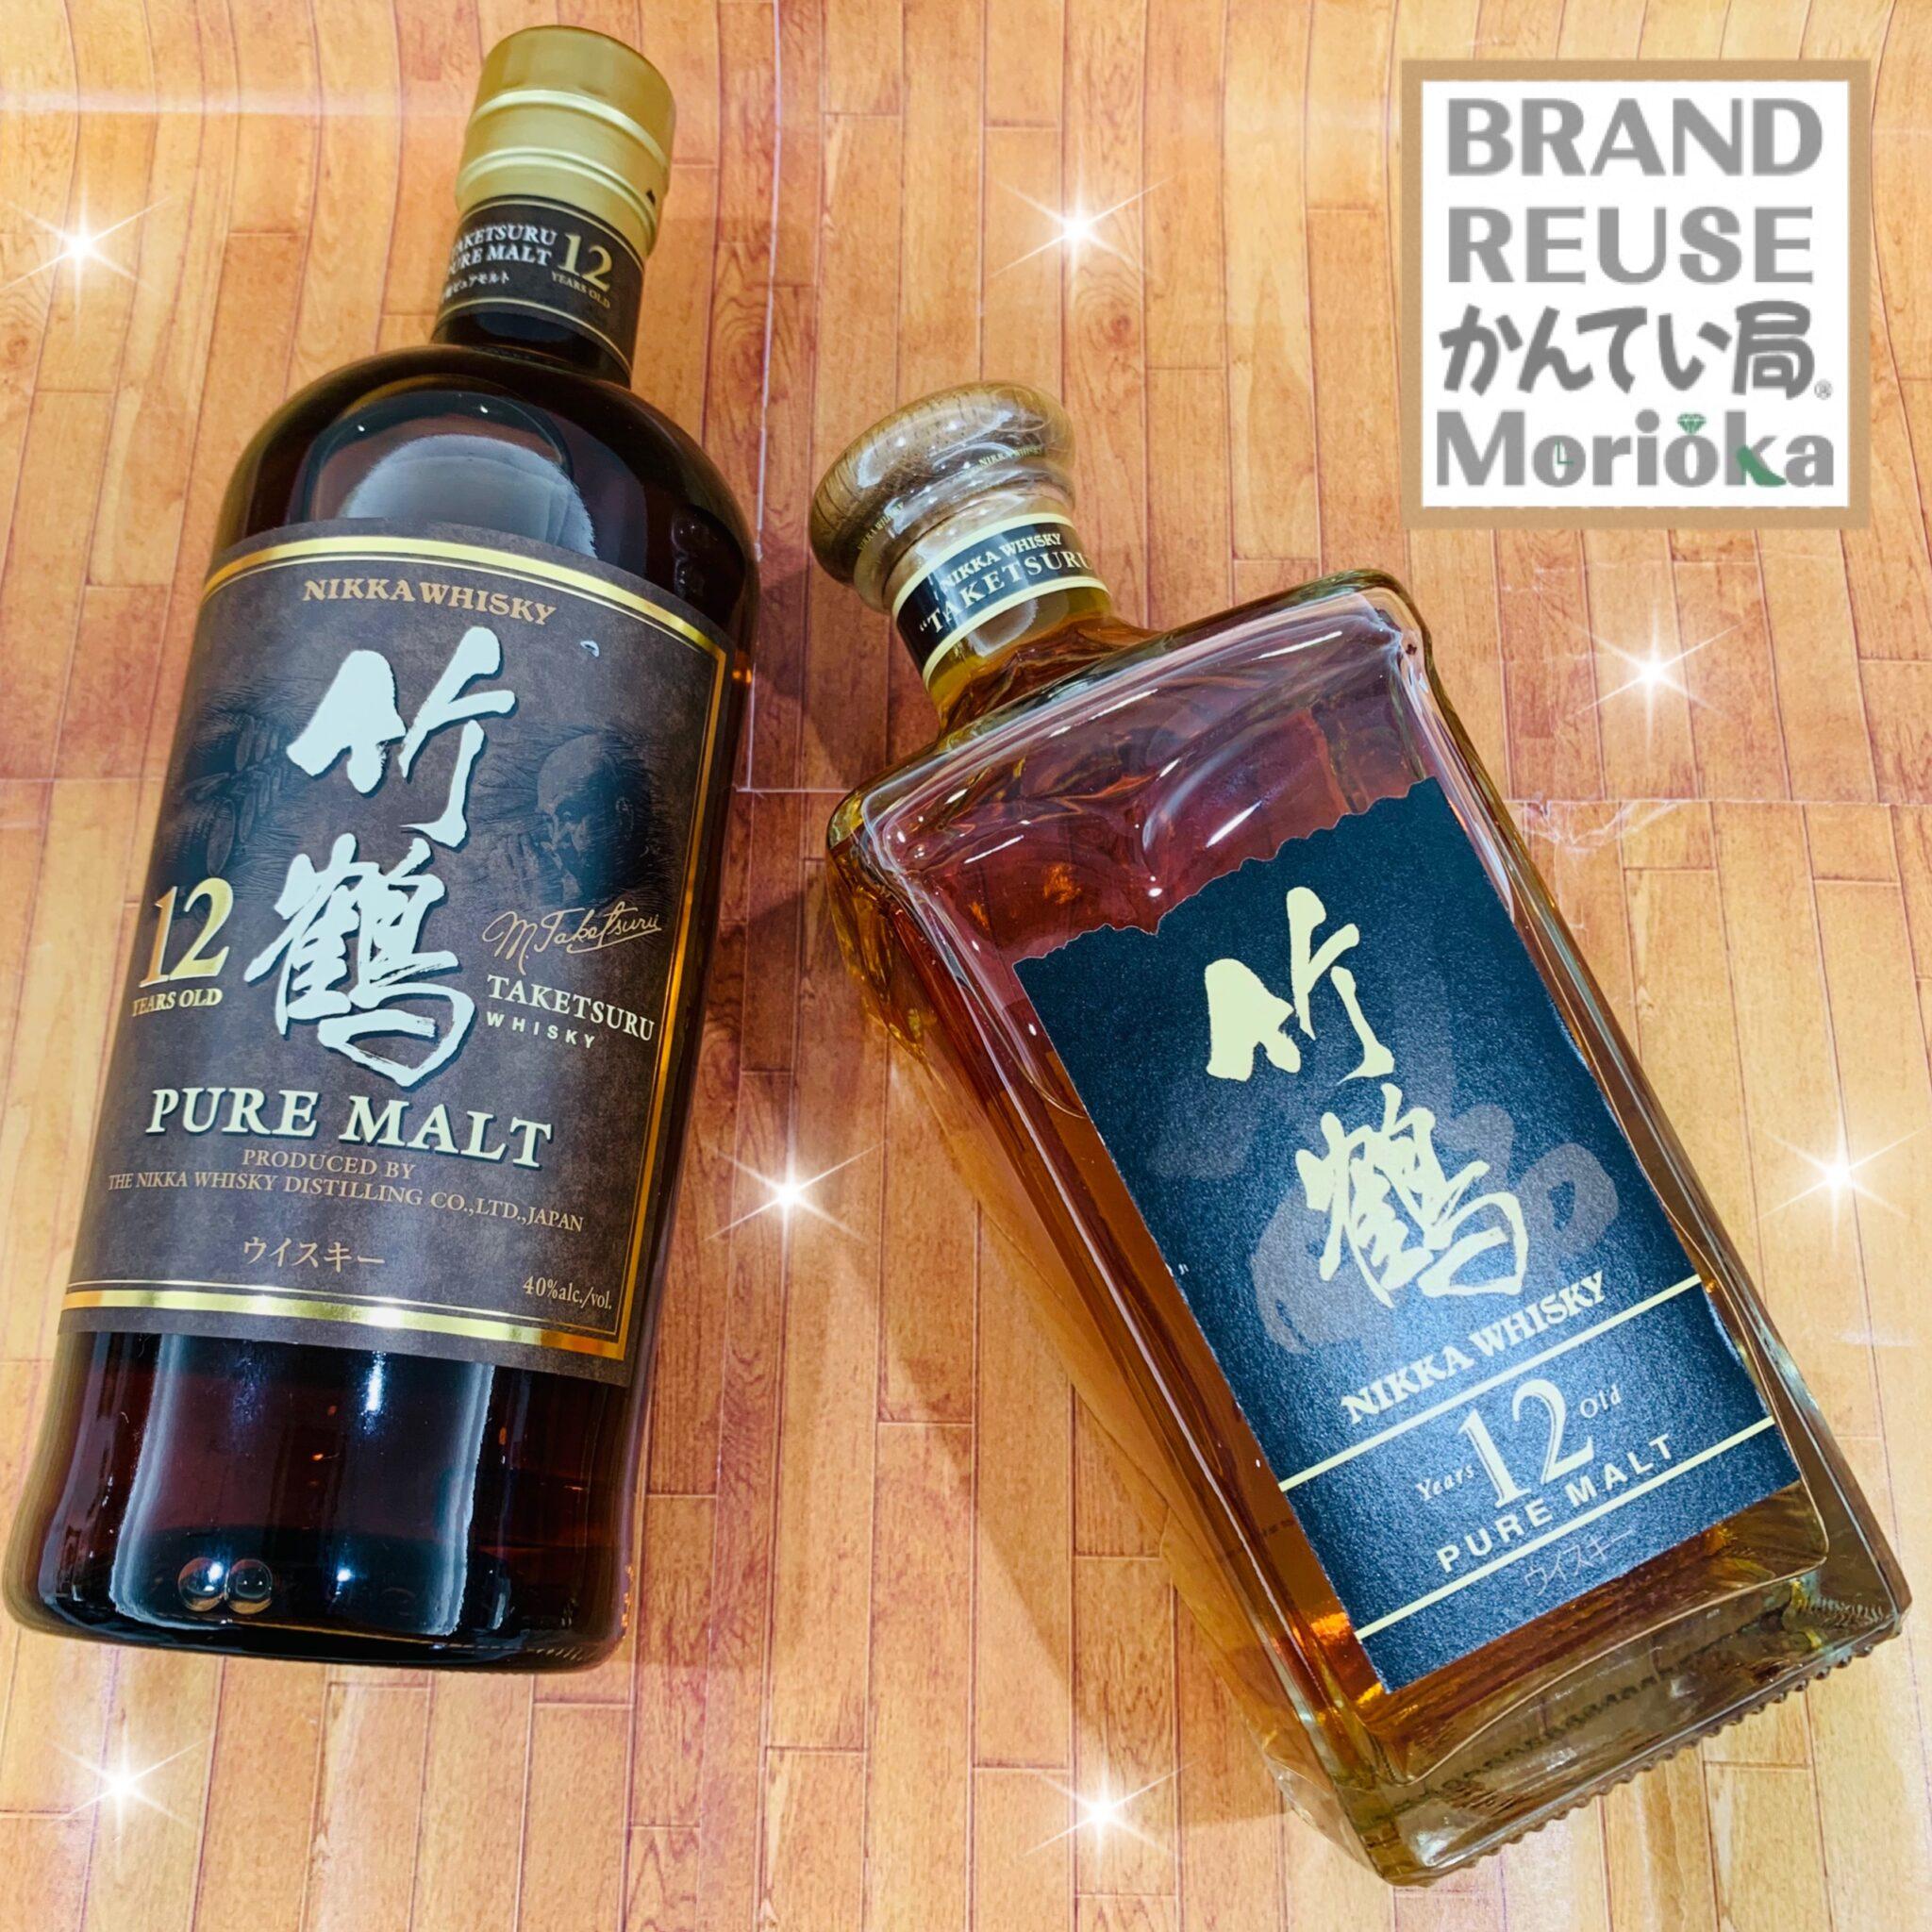 【お酒 販売 盛岡】日本を代表するニッカウイスキーの顔🙌竹鶴12年 ピュアモルト販売しております★